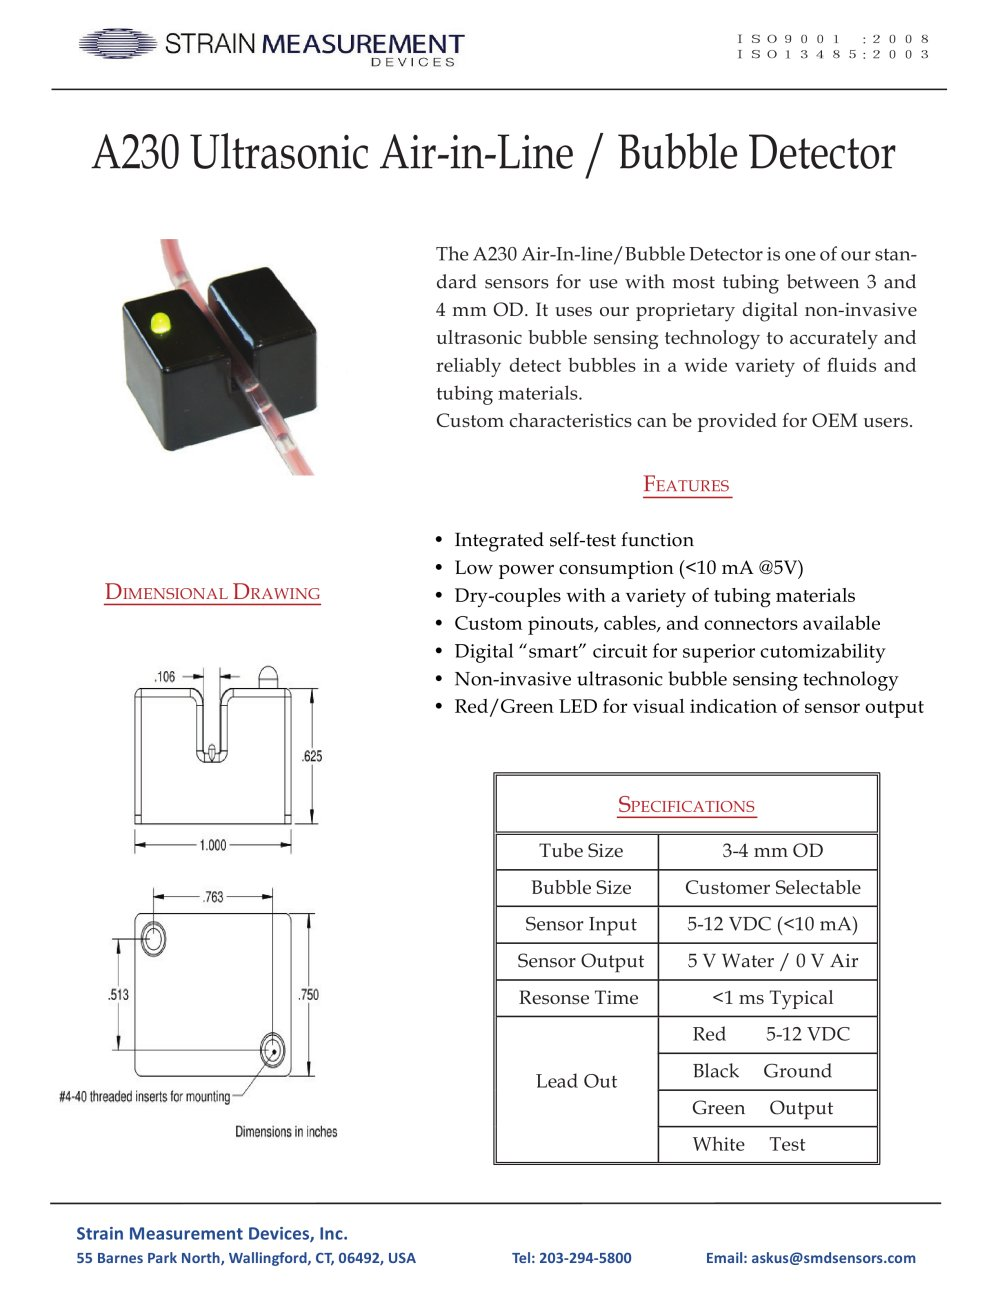 A230 Bubble Detector Air In Line Sensor Strain Measurement Circuit 1 Pages